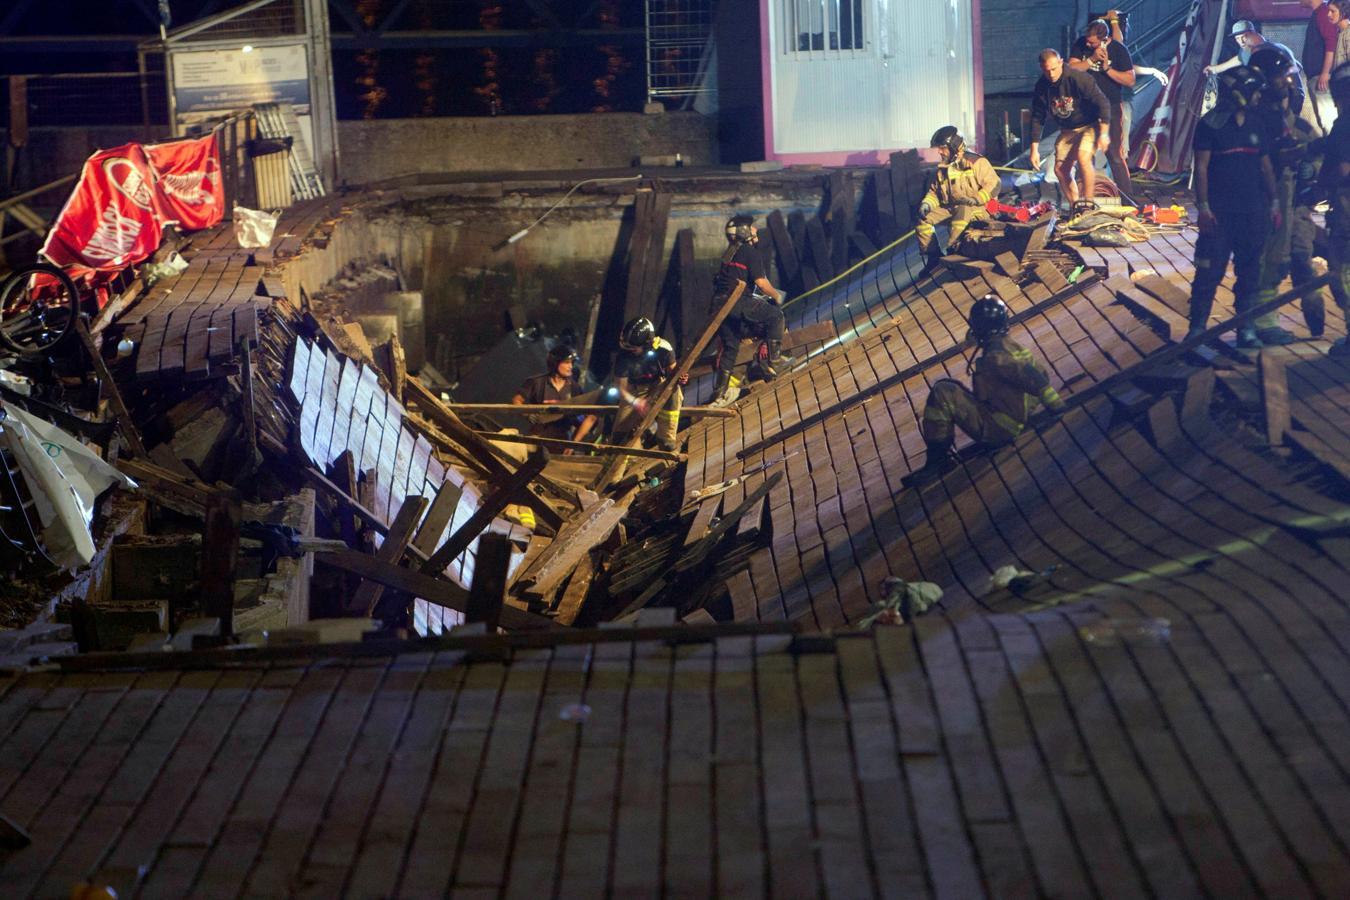 Más de 260 heridos, cinco de ellos graves, como resultado del desplome una plataforma durante un festival de música en Vigo. En la imagen vemos el estado de la pasarela de madera